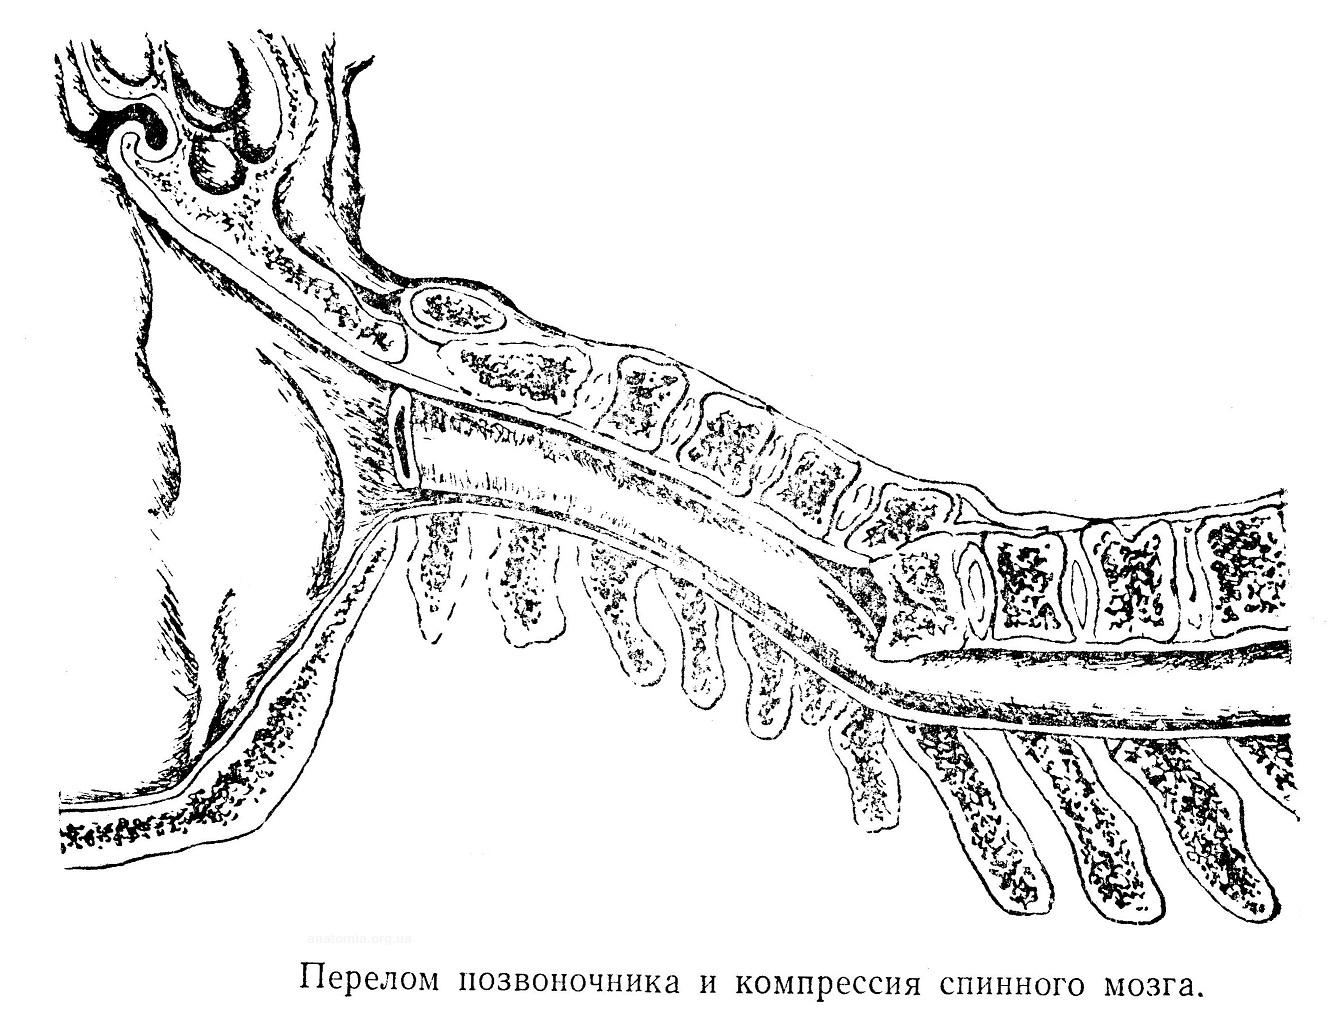 Перелом позвоночника и компрессия спинного мозга.